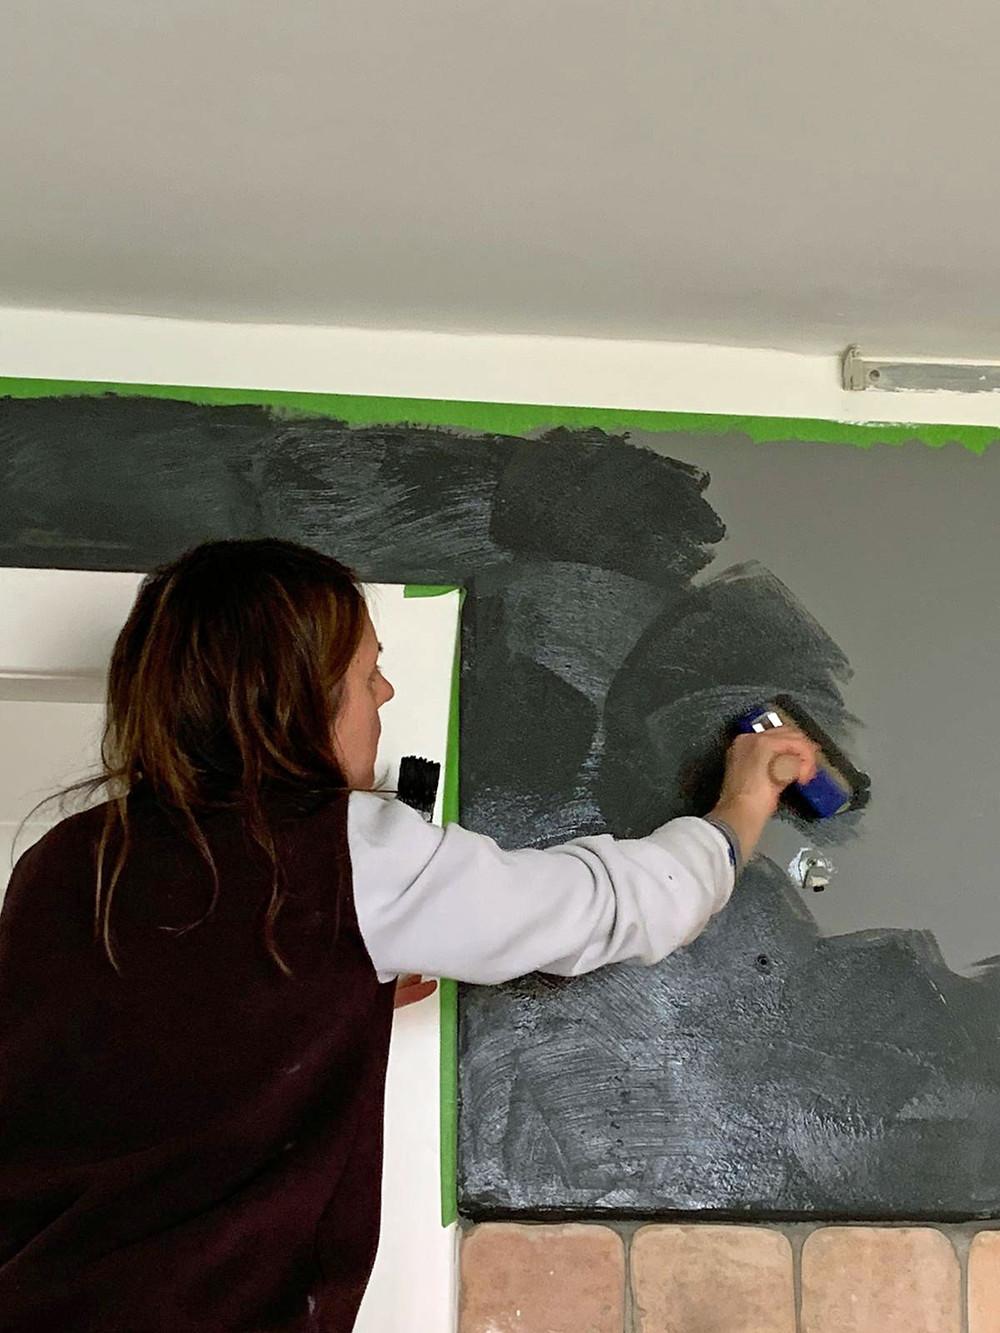 kreuz und quer streichen beim Wände streichen mit Pinsel